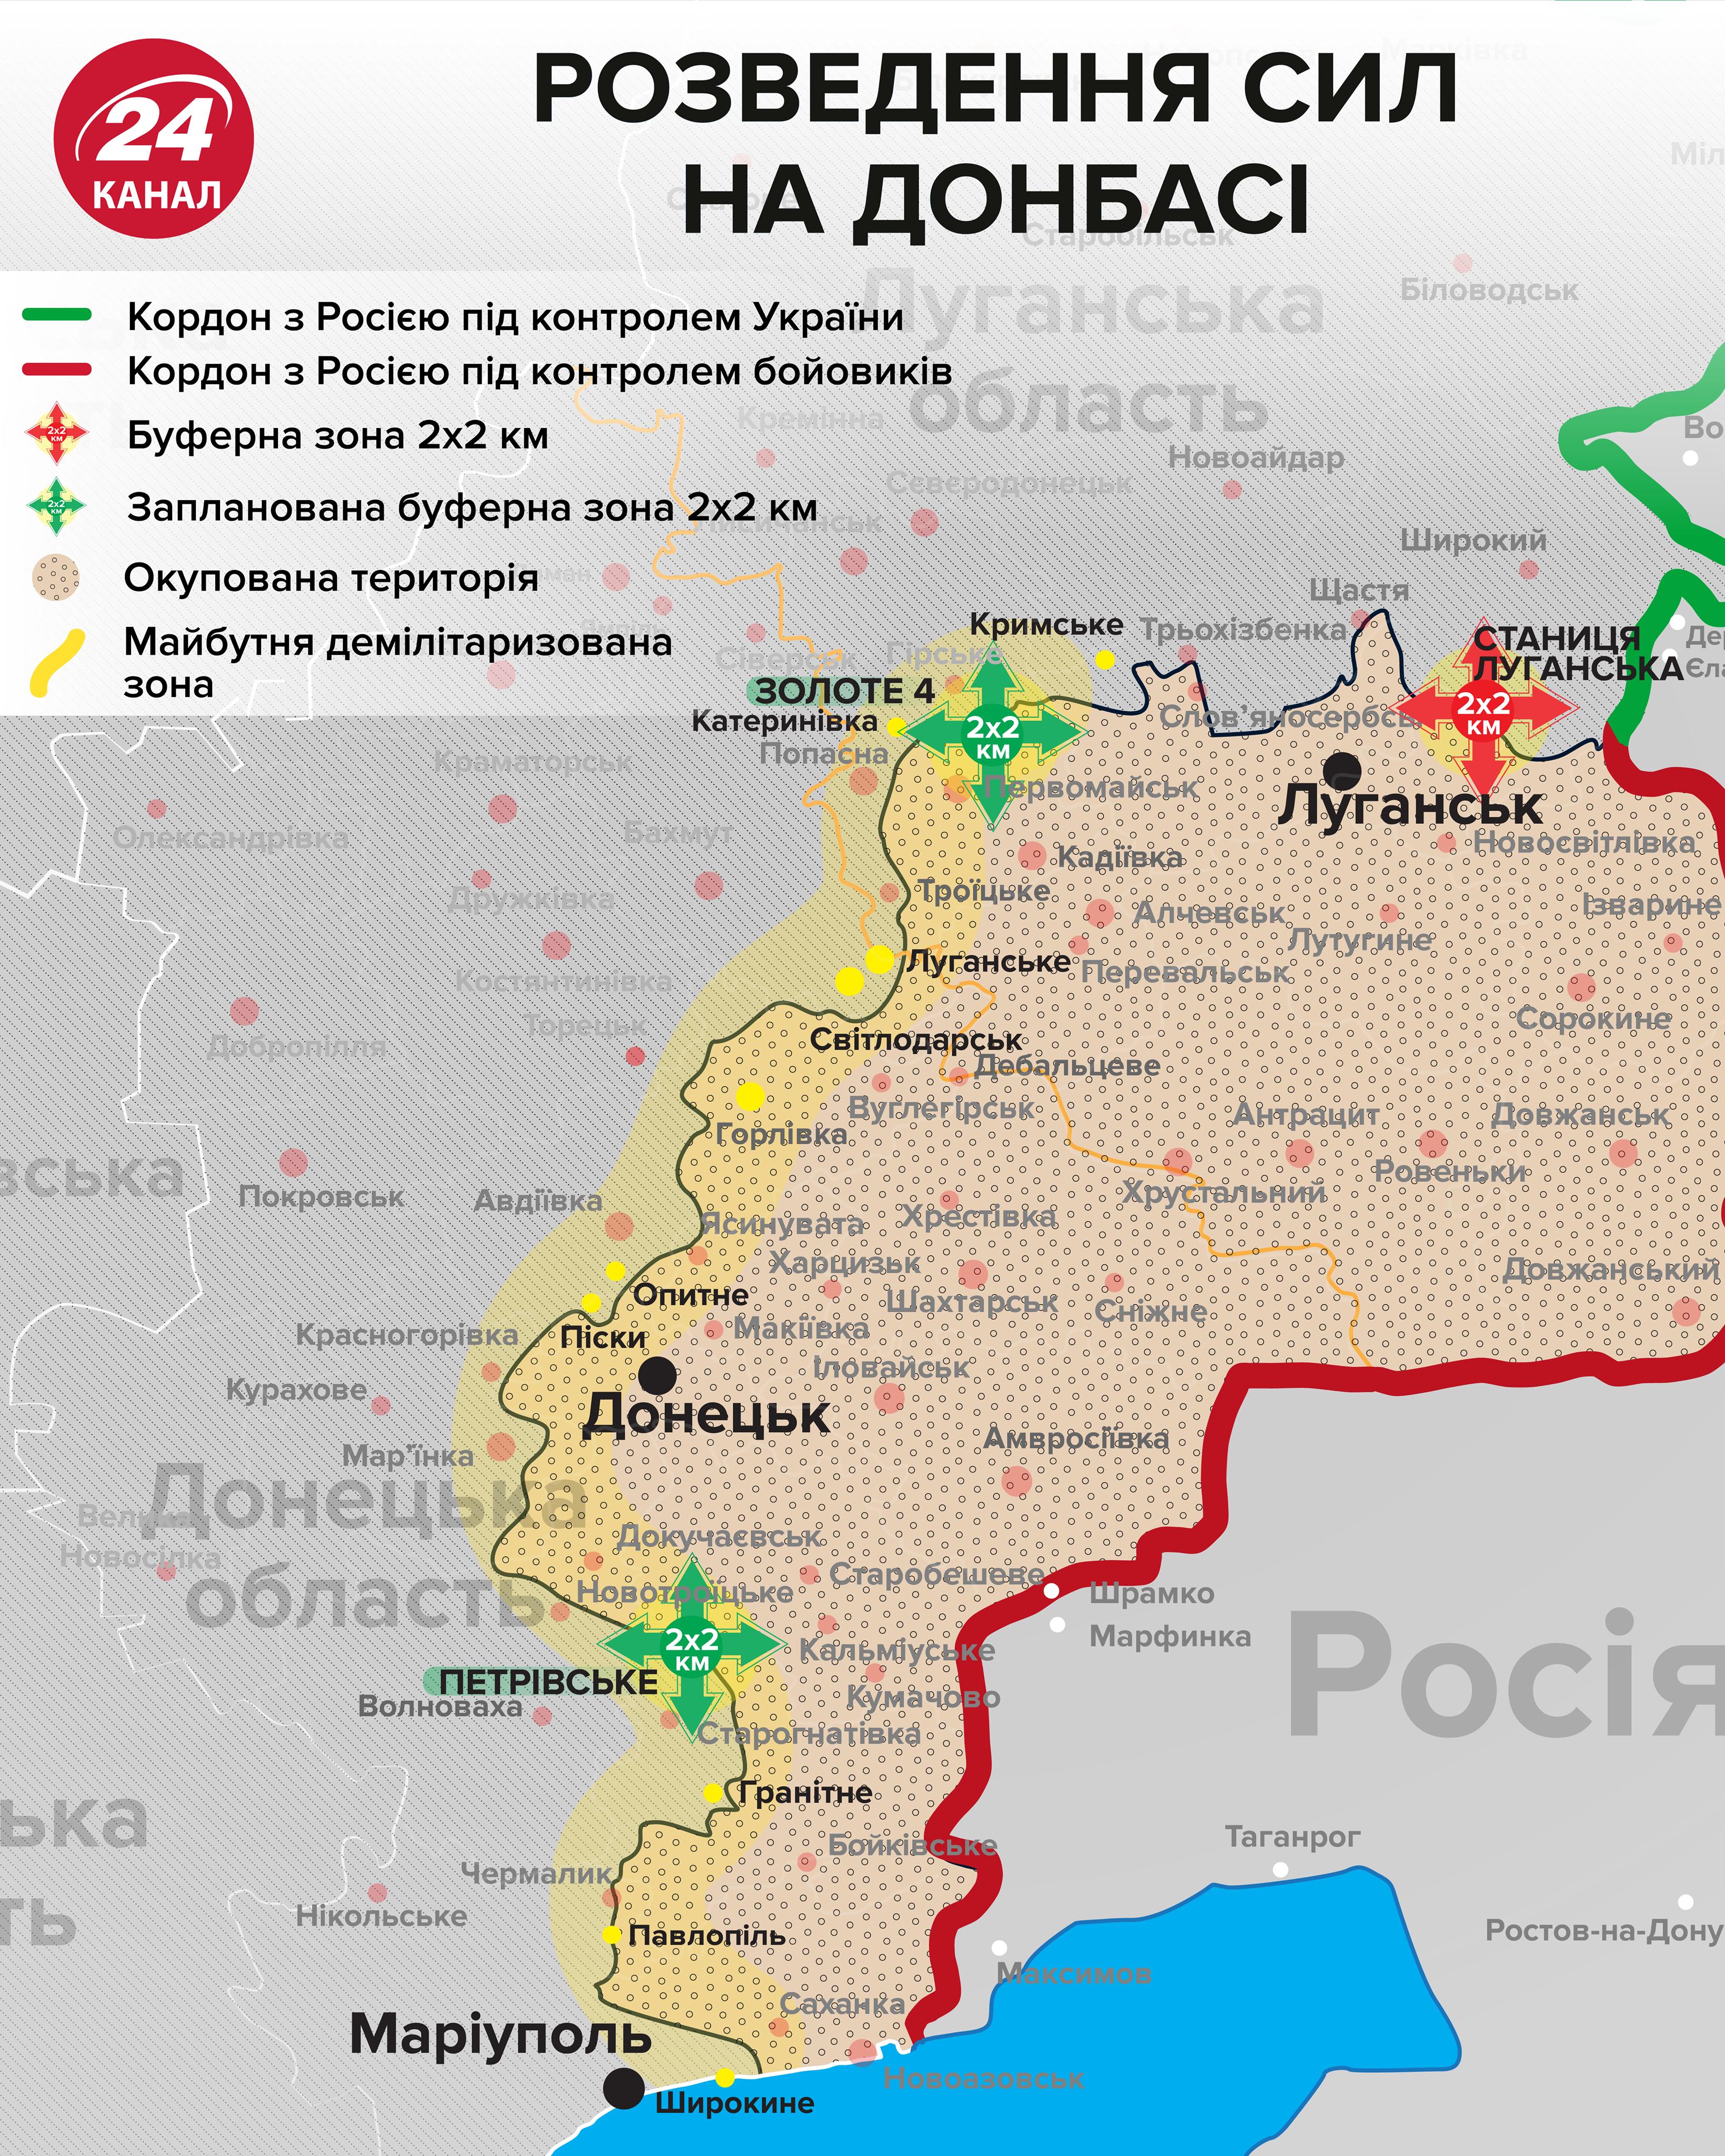 карта розведення сил на Донбасі Золоте Петрівське мапа розведення військ